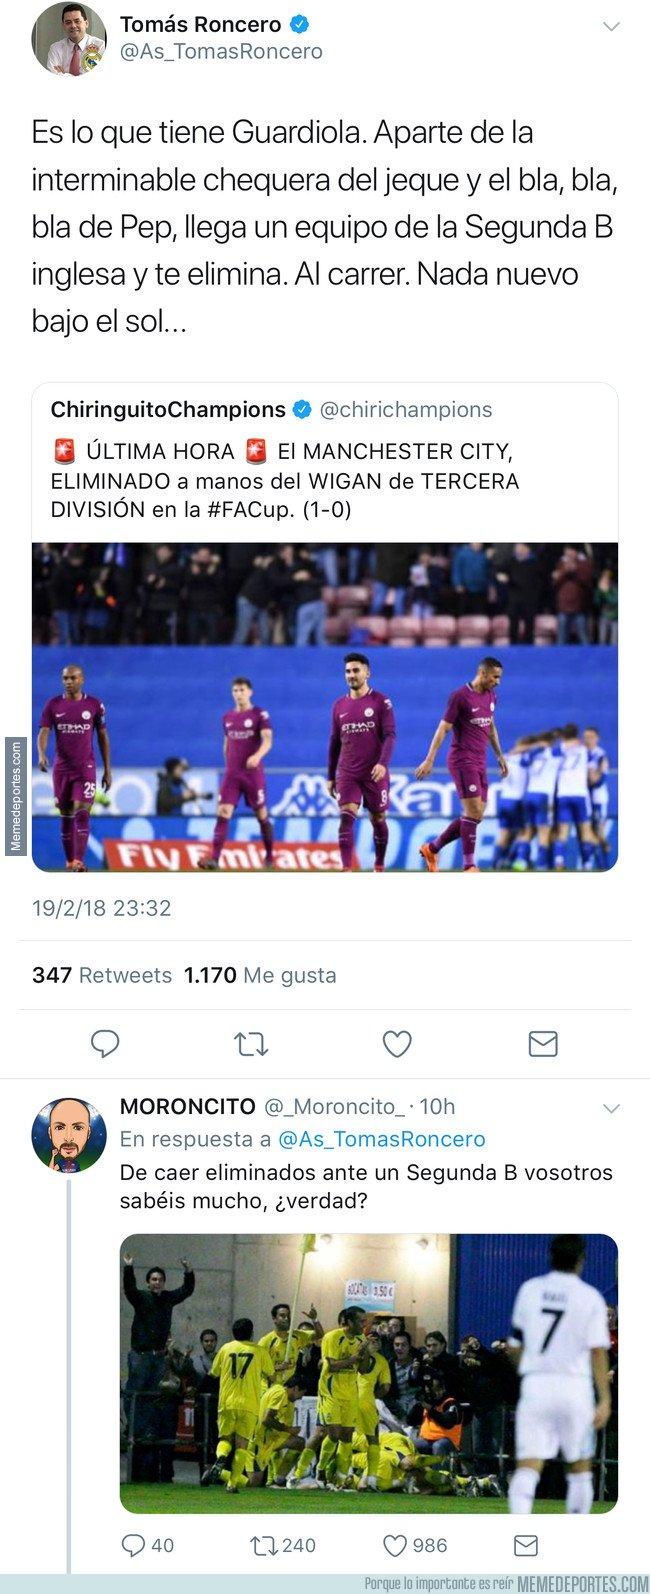 1022346 - Tomás Roncero se vuelve a reír de Guardiola, y le vuelven a mojar el hocico